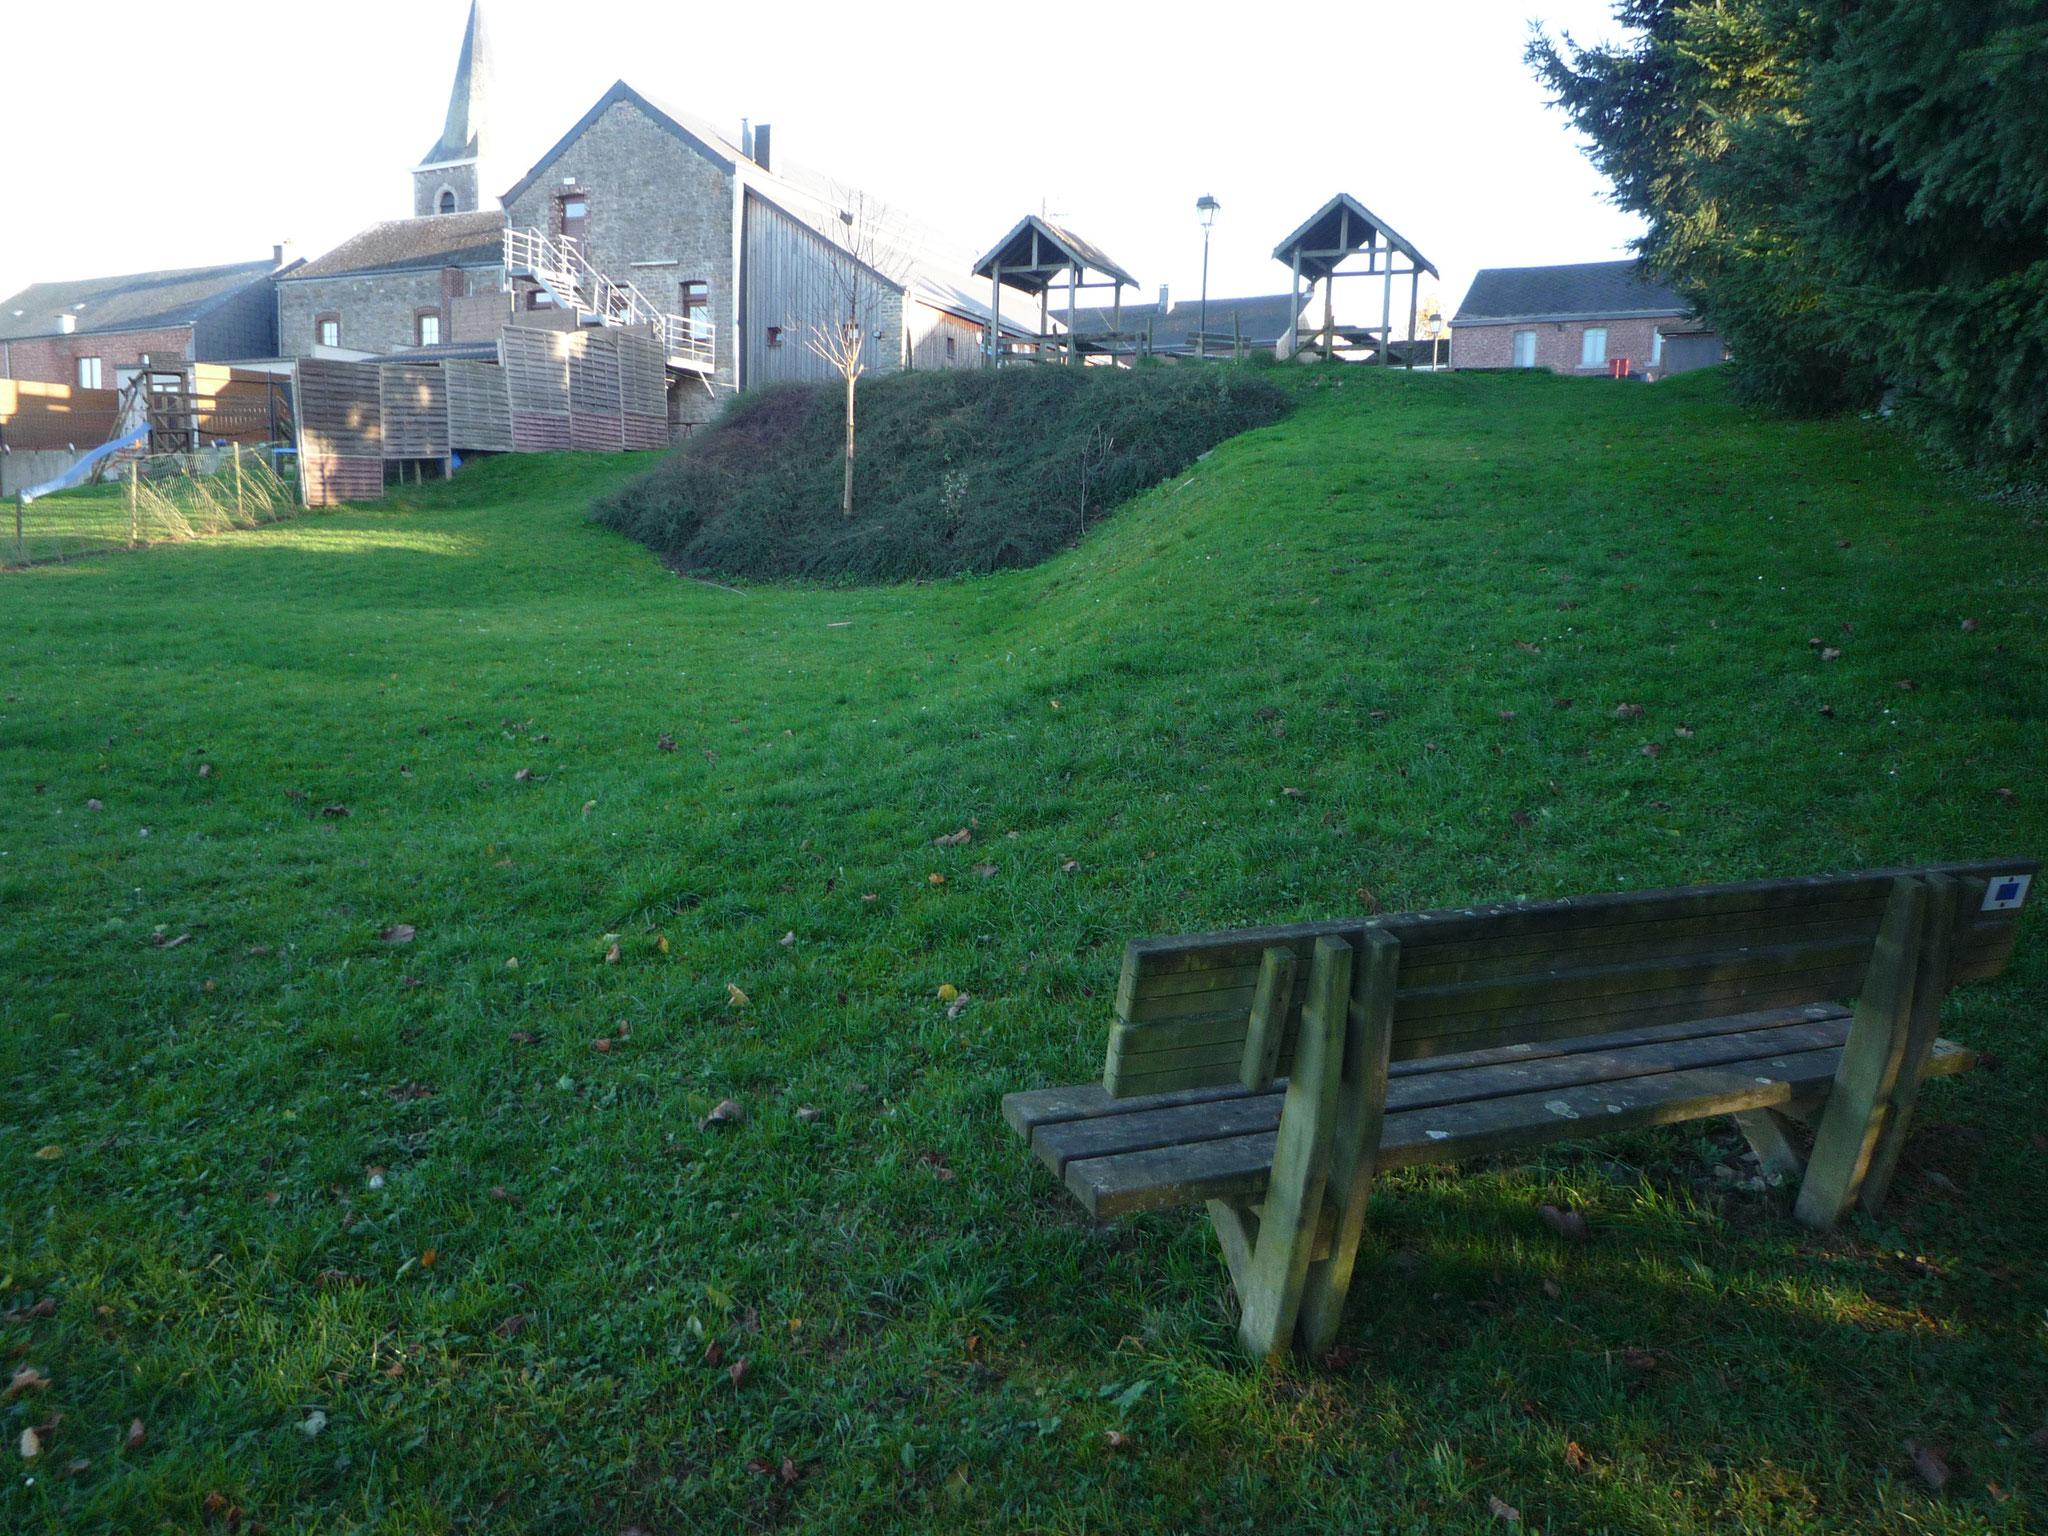 Equipement site du village de marenne for Jeu scout exterieur